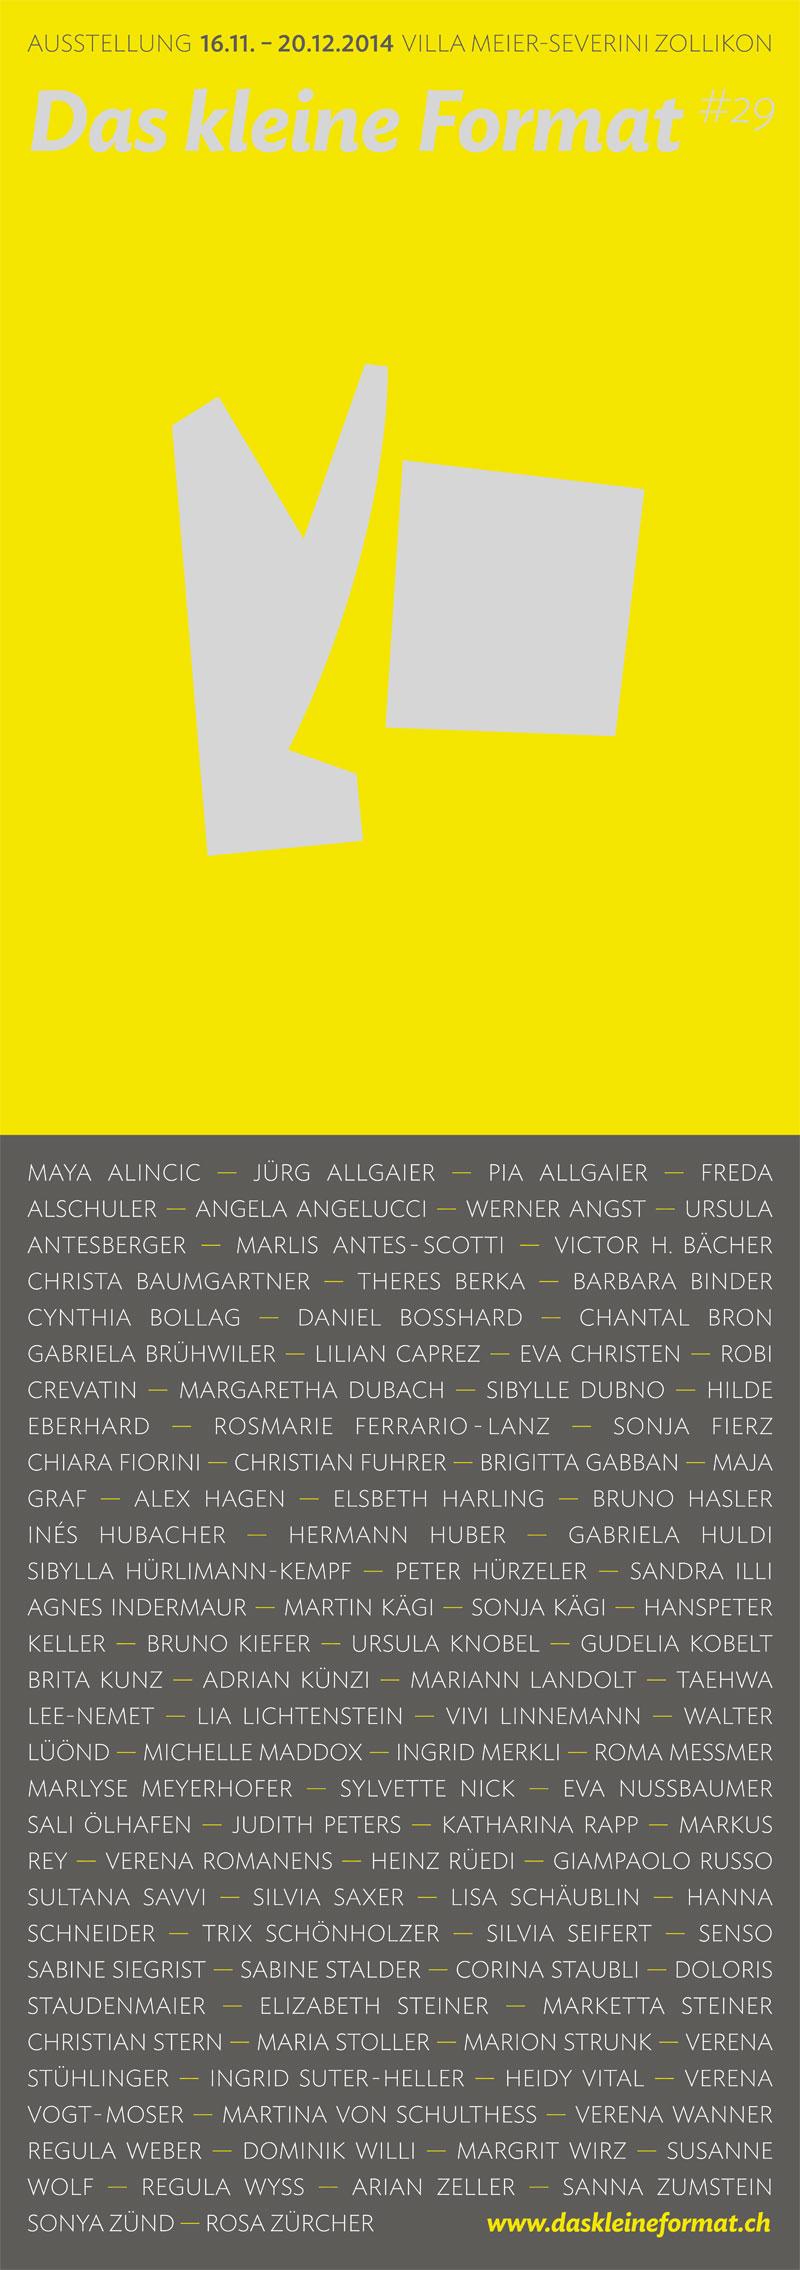 2014-DkF-Einladung-1a